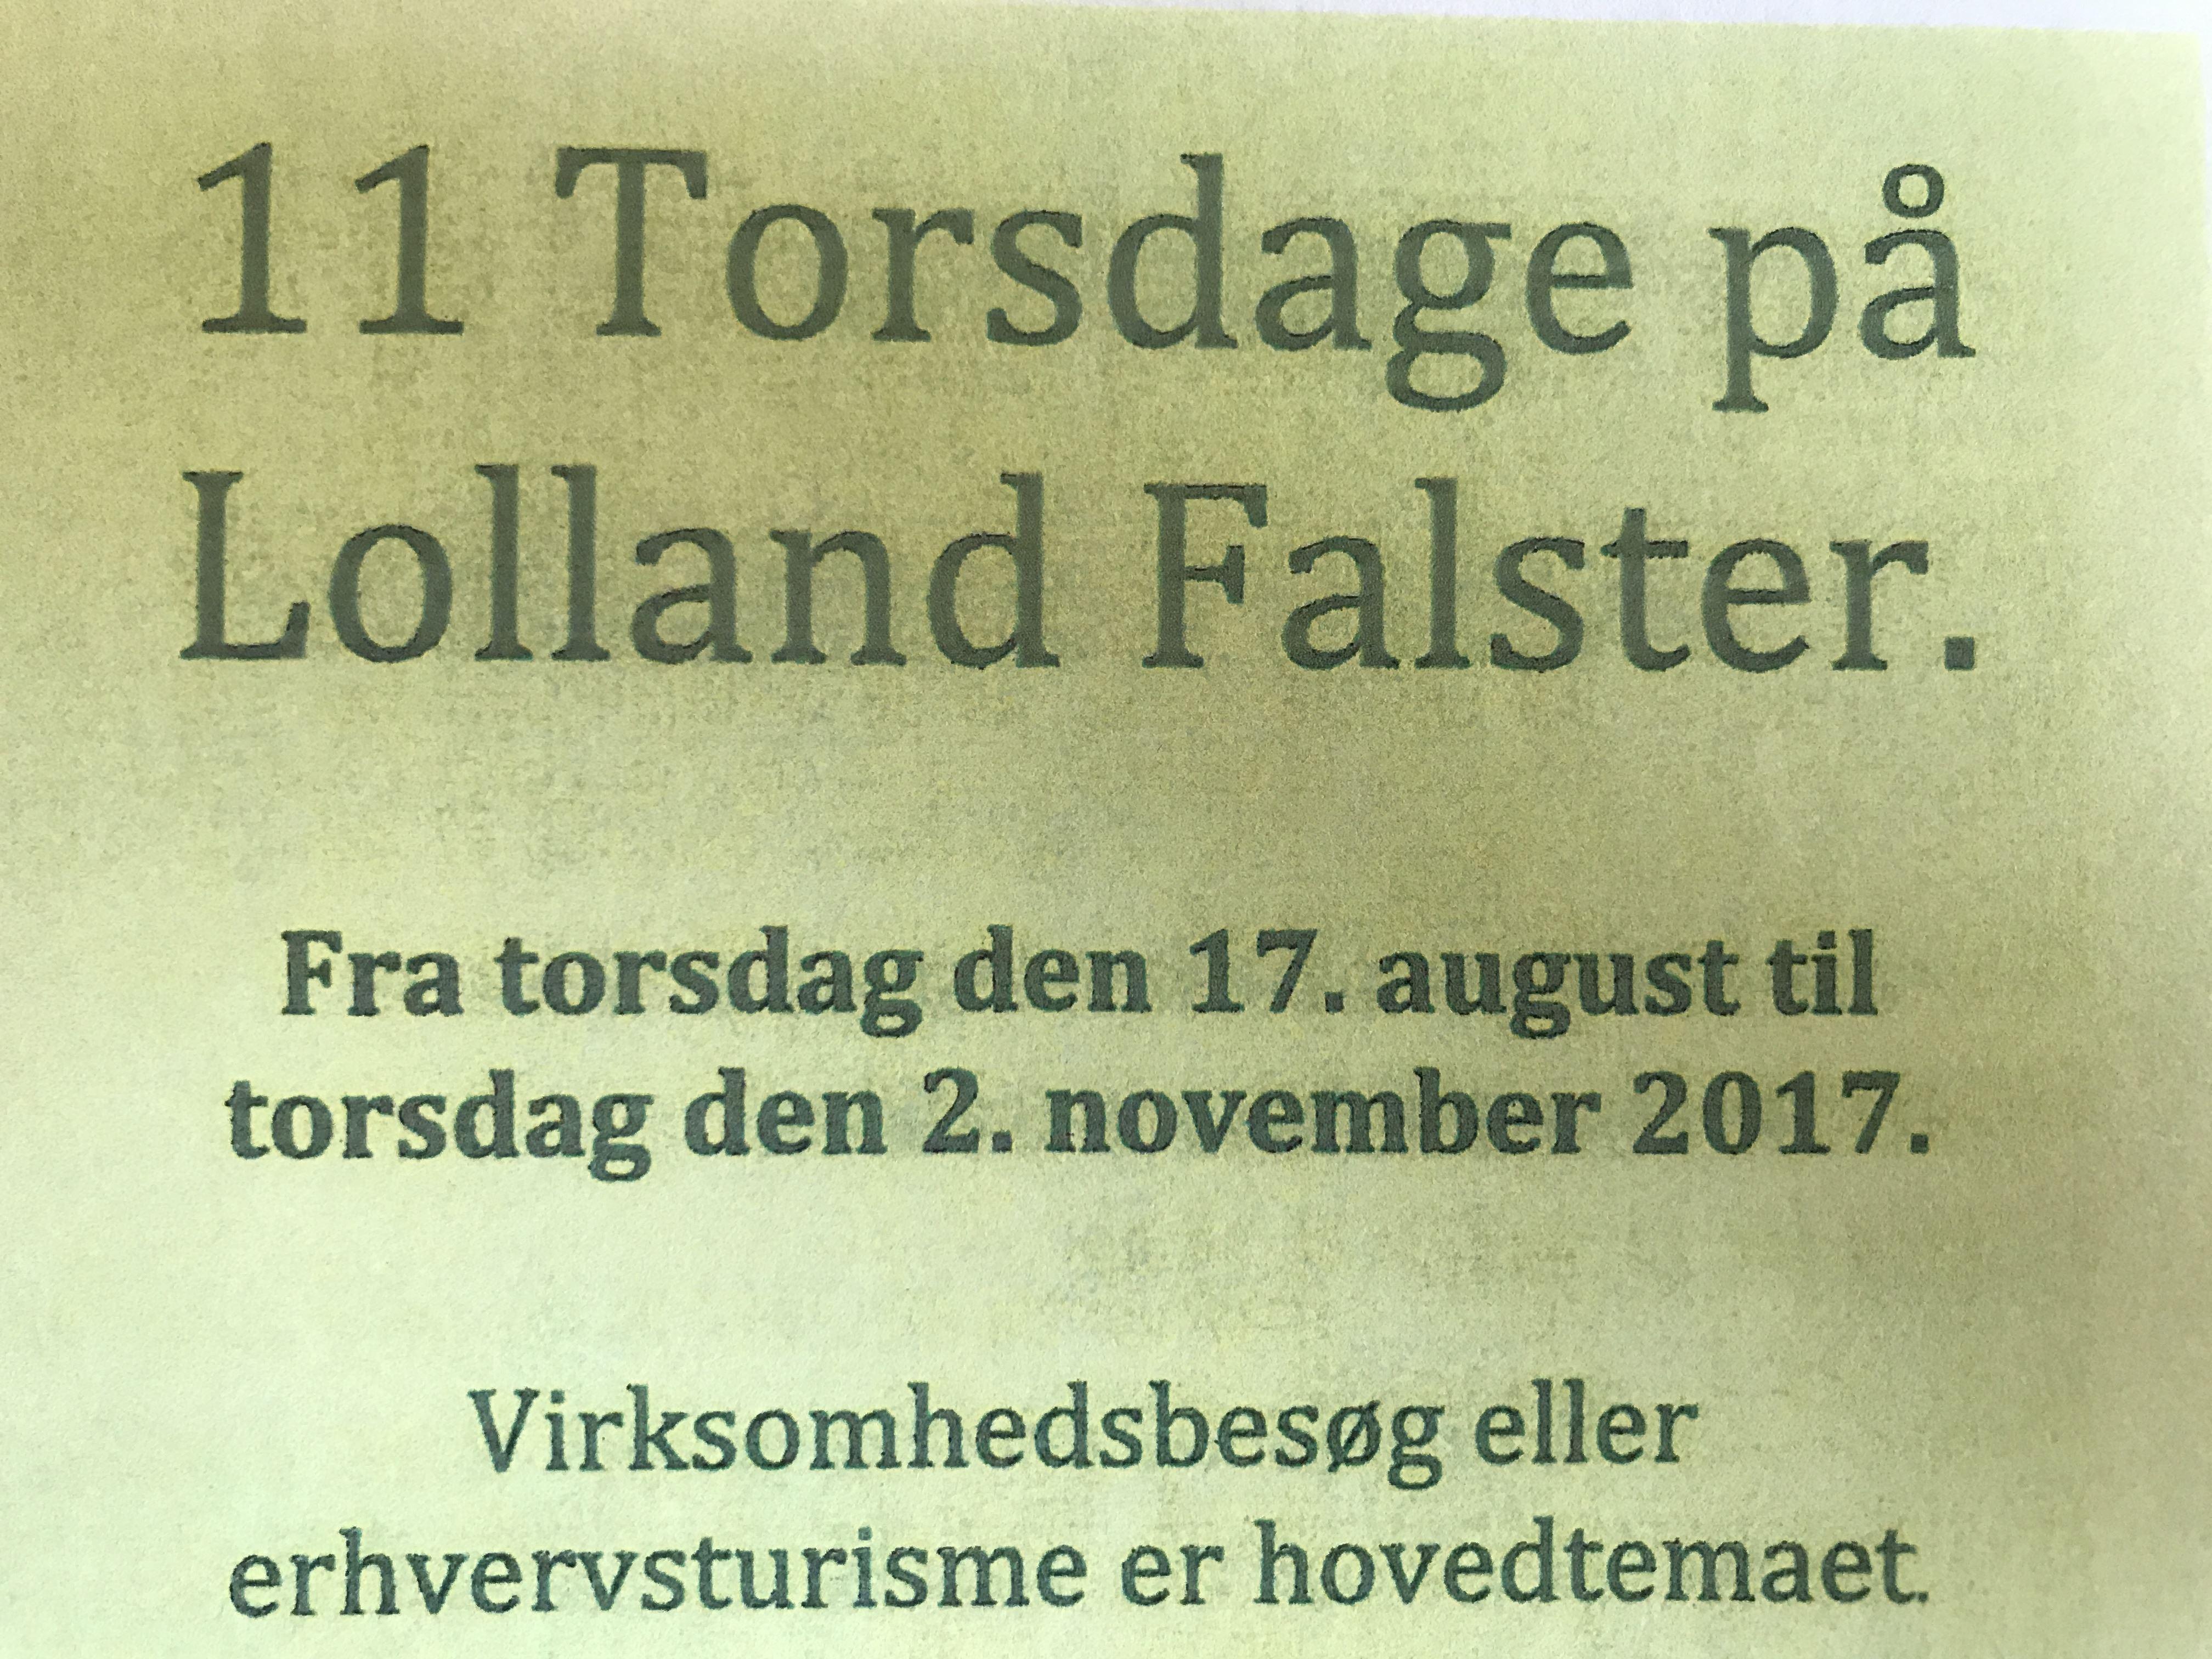 11 torsdage på Lolland Falster - IWAL